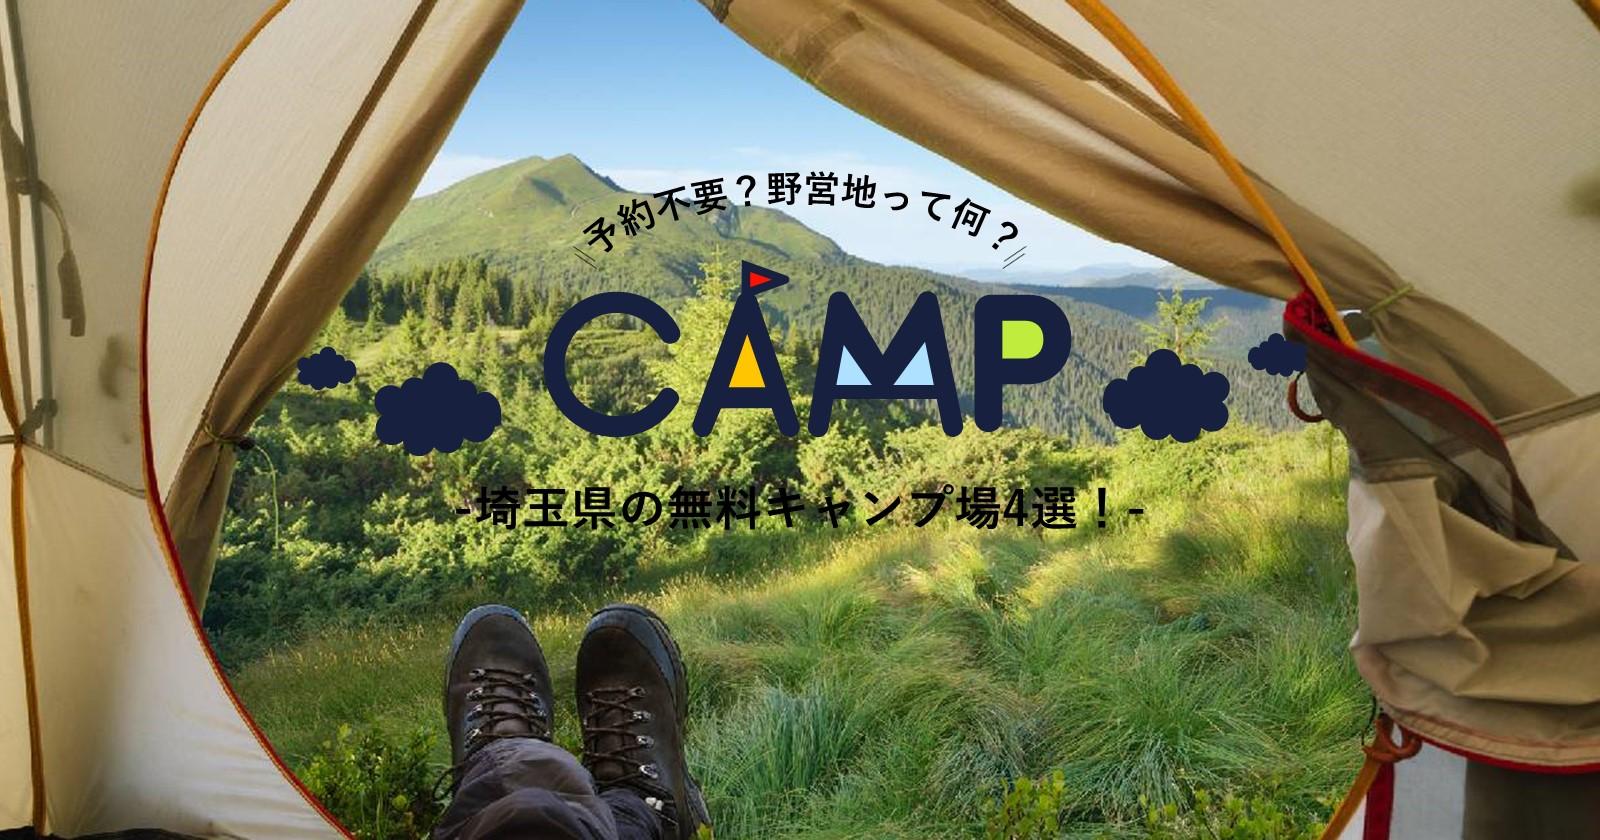 かわせみ 河原 キャンプ